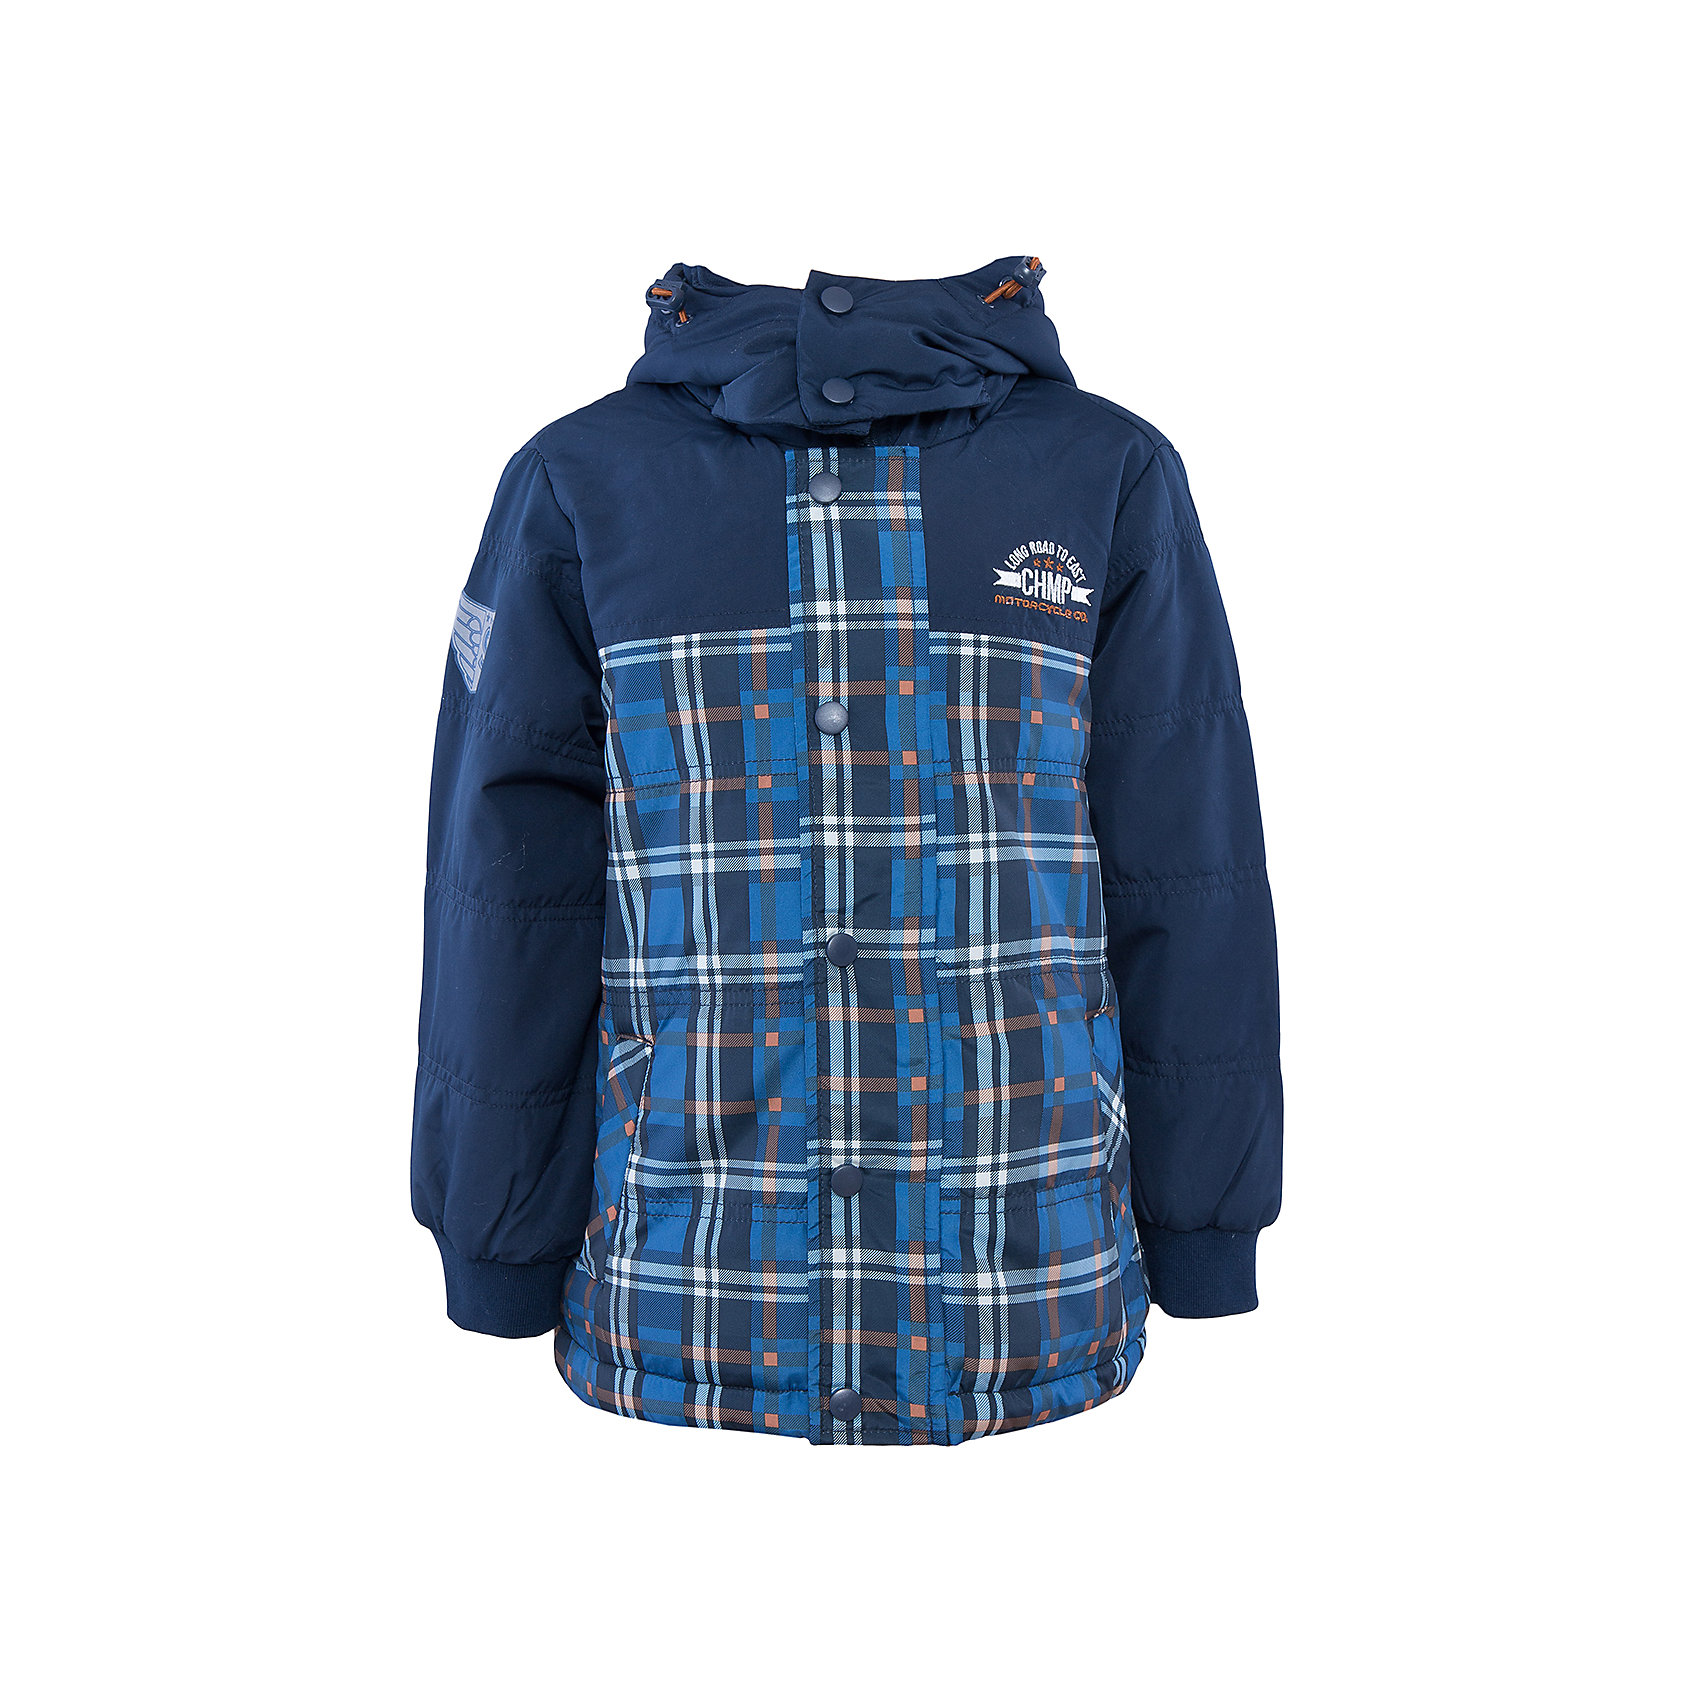 Куртка для мальчика SELAВерхняя одежда<br>Такая стильная утепленная куртка - незаменимая вещь в прохладное время года. Эта модель отлично сидит на ребенке, она сшита из плотного материала, позволяет гулять и заниматься спортом на свежем воздухе. Подкладка и утеплитель обеспечивают ребенку комфорт. Модель дополнена капюшоном, планкой от ветра и карманами.<br>Одежда от бренда Sela (Села) - это качество по приемлемым ценам. Многие российские родители уже оценили преимущества продукции этой компании и всё чаще приобретают одежду и аксессуары Sela.<br><br>Дополнительная информация:<br><br>цвет: синий;<br>материал: 100% ПЭ;<br>капюшон;<br>карманы;<br>украшена нашивками.<br><br>Куртку для мальчика от бренда Sela можно купить в нашем интернет-магазине.<br><br>Ширина мм: 356<br>Глубина мм: 10<br>Высота мм: 245<br>Вес г: 519<br>Цвет: синий<br>Возраст от месяцев: 60<br>Возраст до месяцев: 72<br>Пол: Мужской<br>Возраст: Детский<br>Размер: 116,98,104,110<br>SKU: 5007999